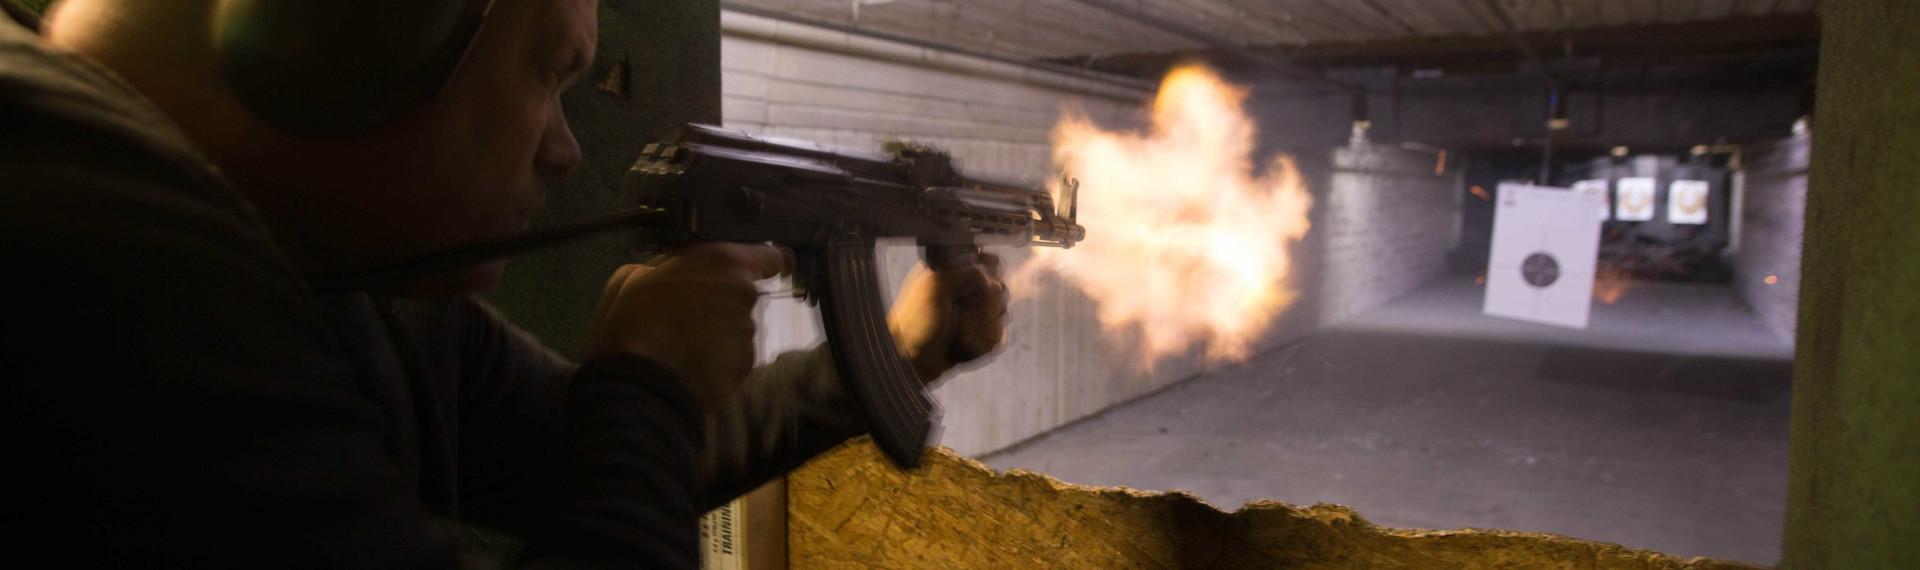 AK47 - Den Ekstreme Pakke Budapest